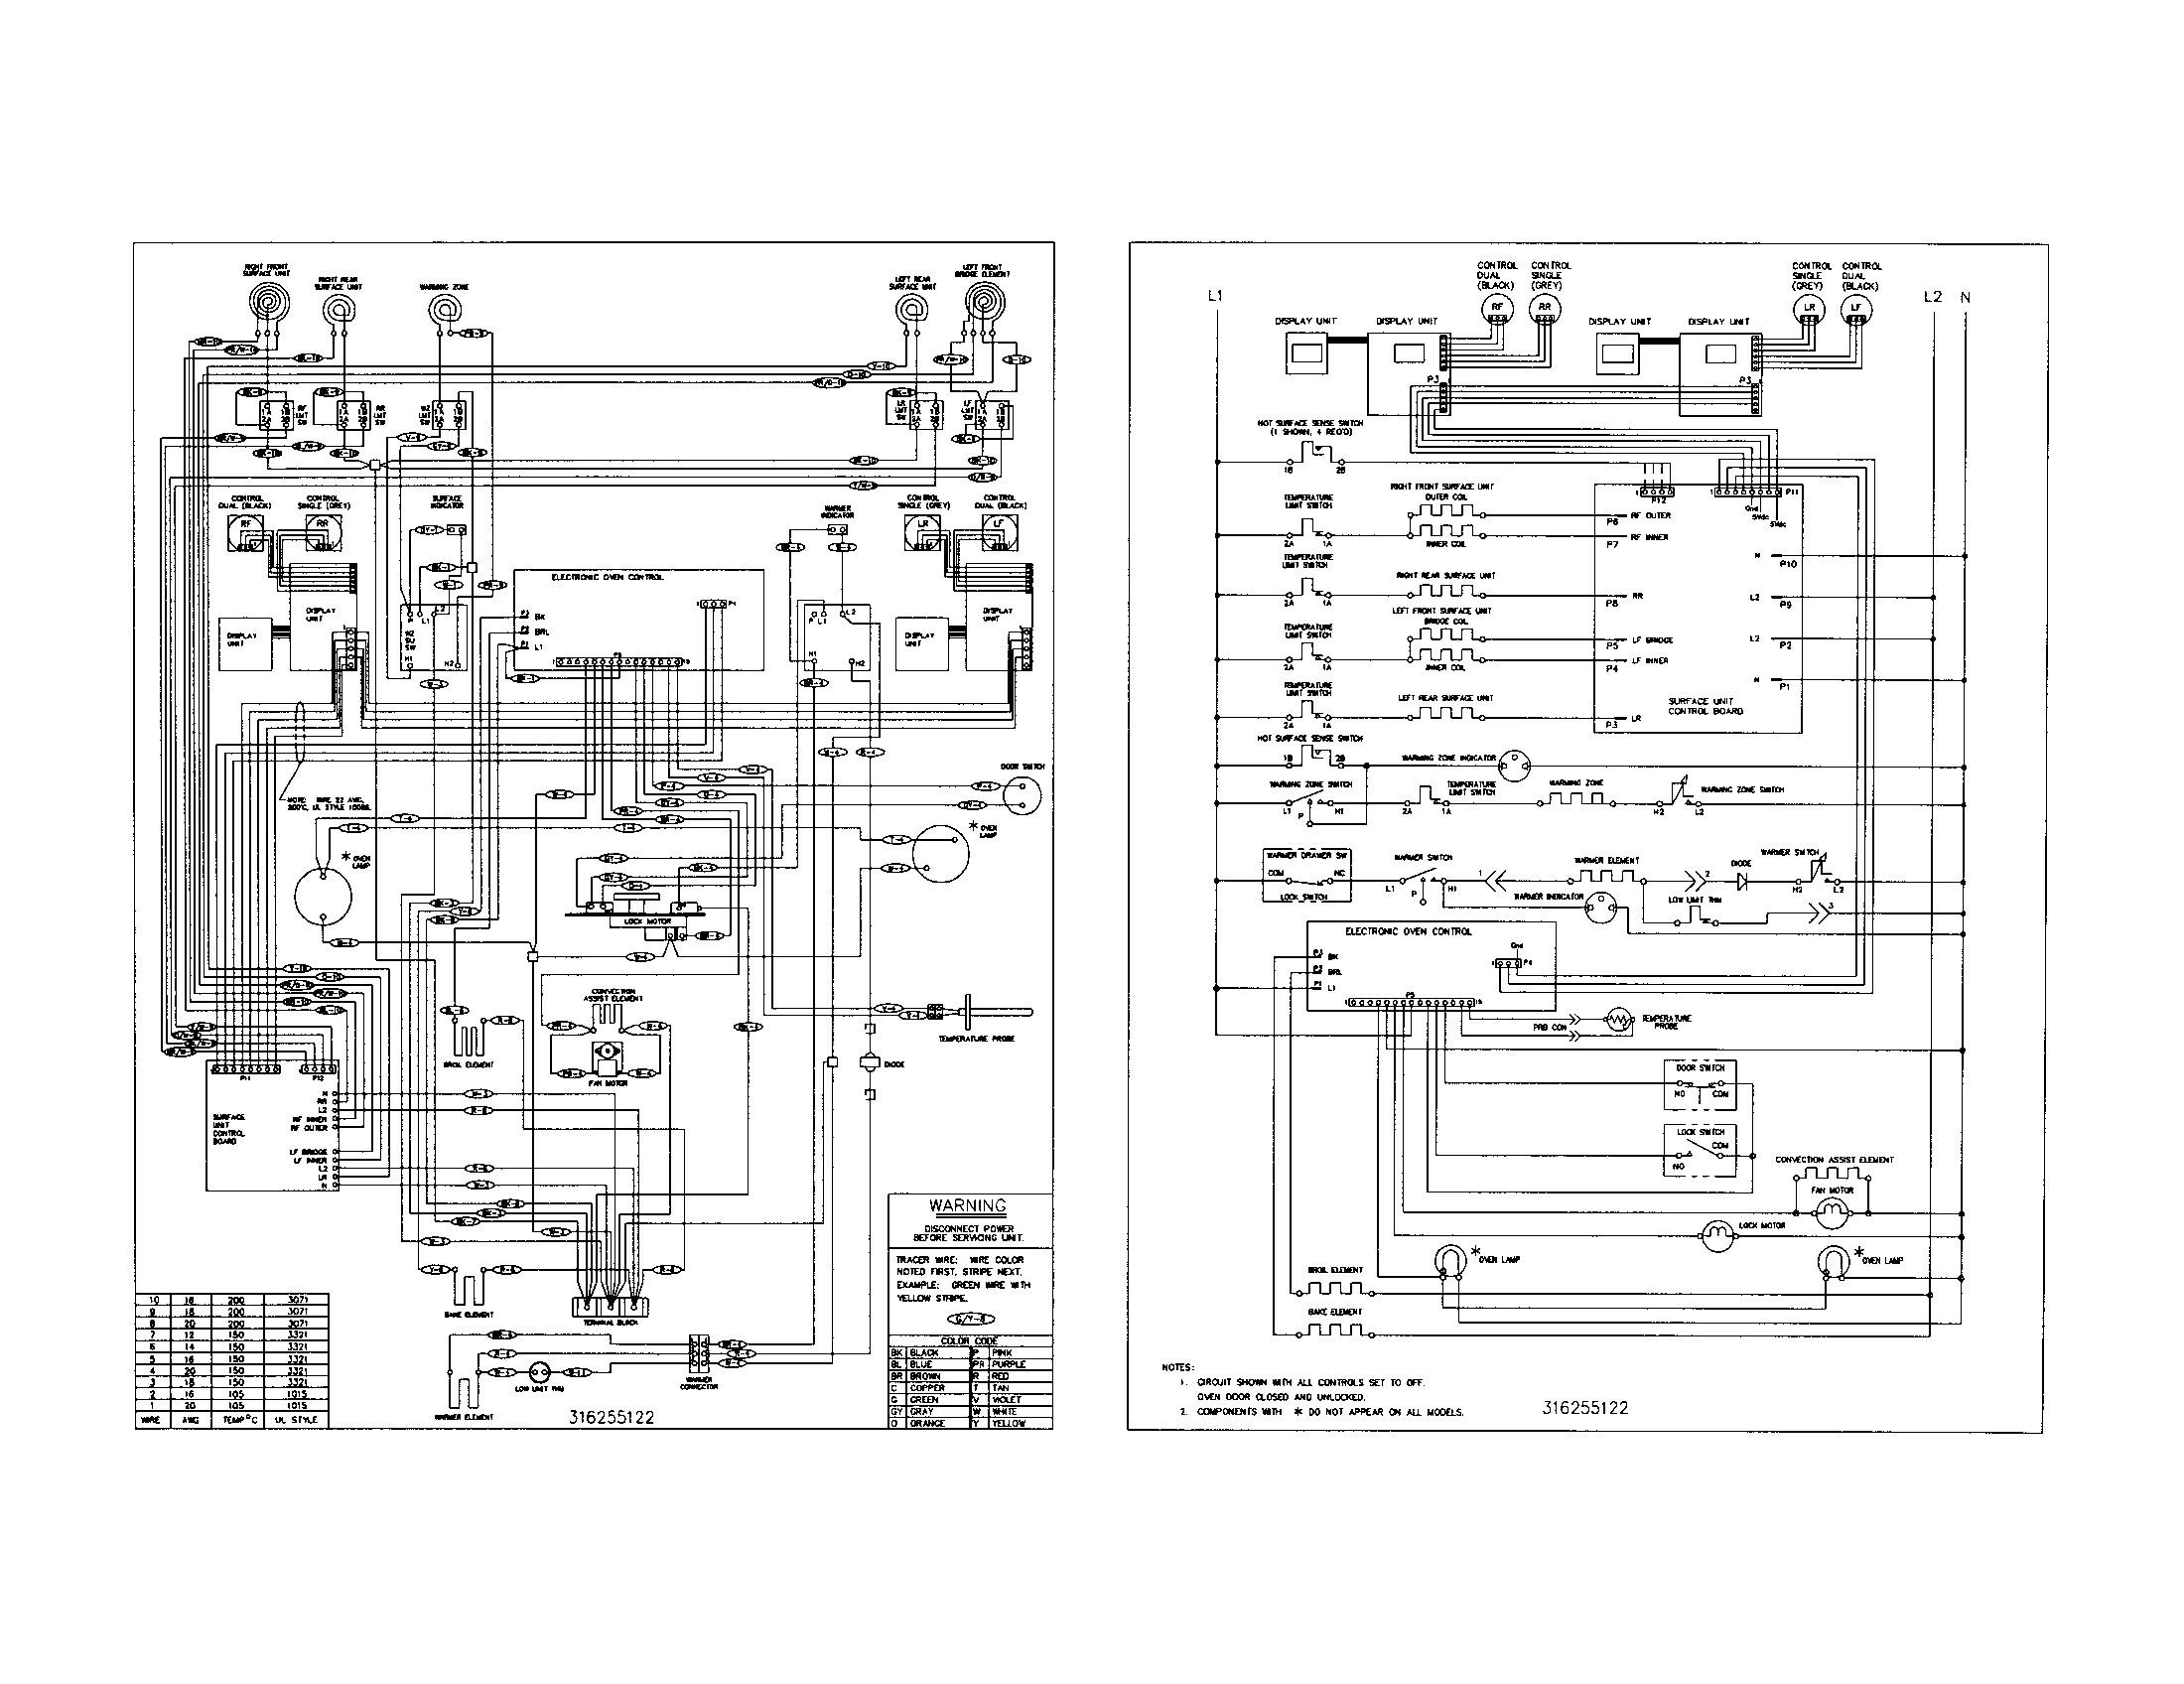 Kenmore Dryer Wiring Diagram Kenmore Elite Electric Range Parts Model Sears Of Kenmore Dryer Wiring Diagram